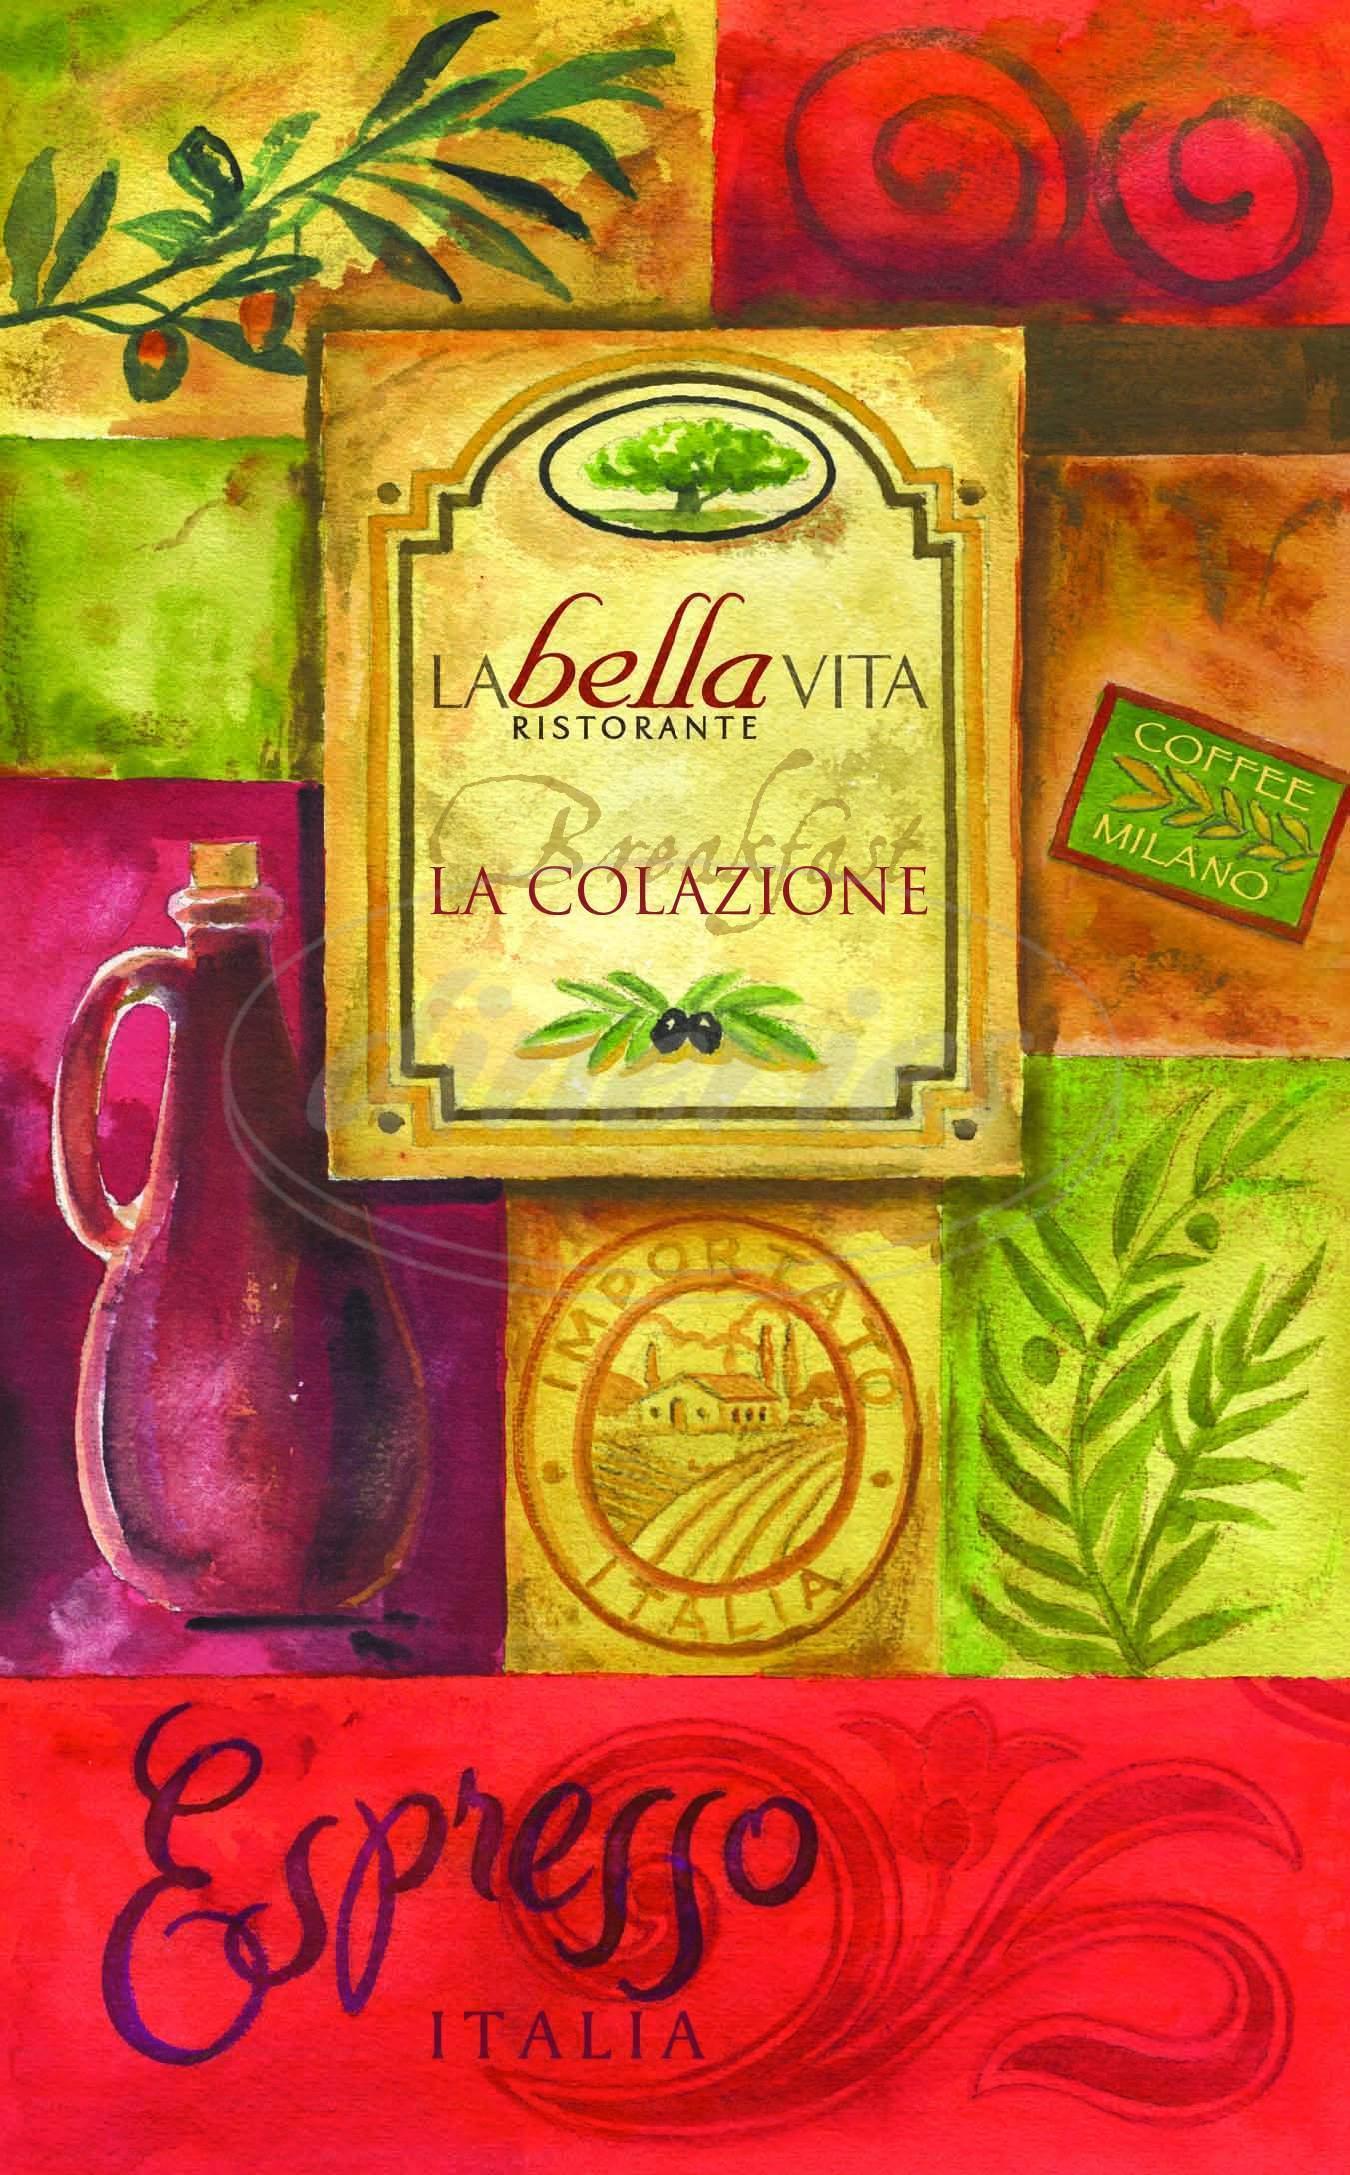 Big menu for La Bella Vita, Rockport